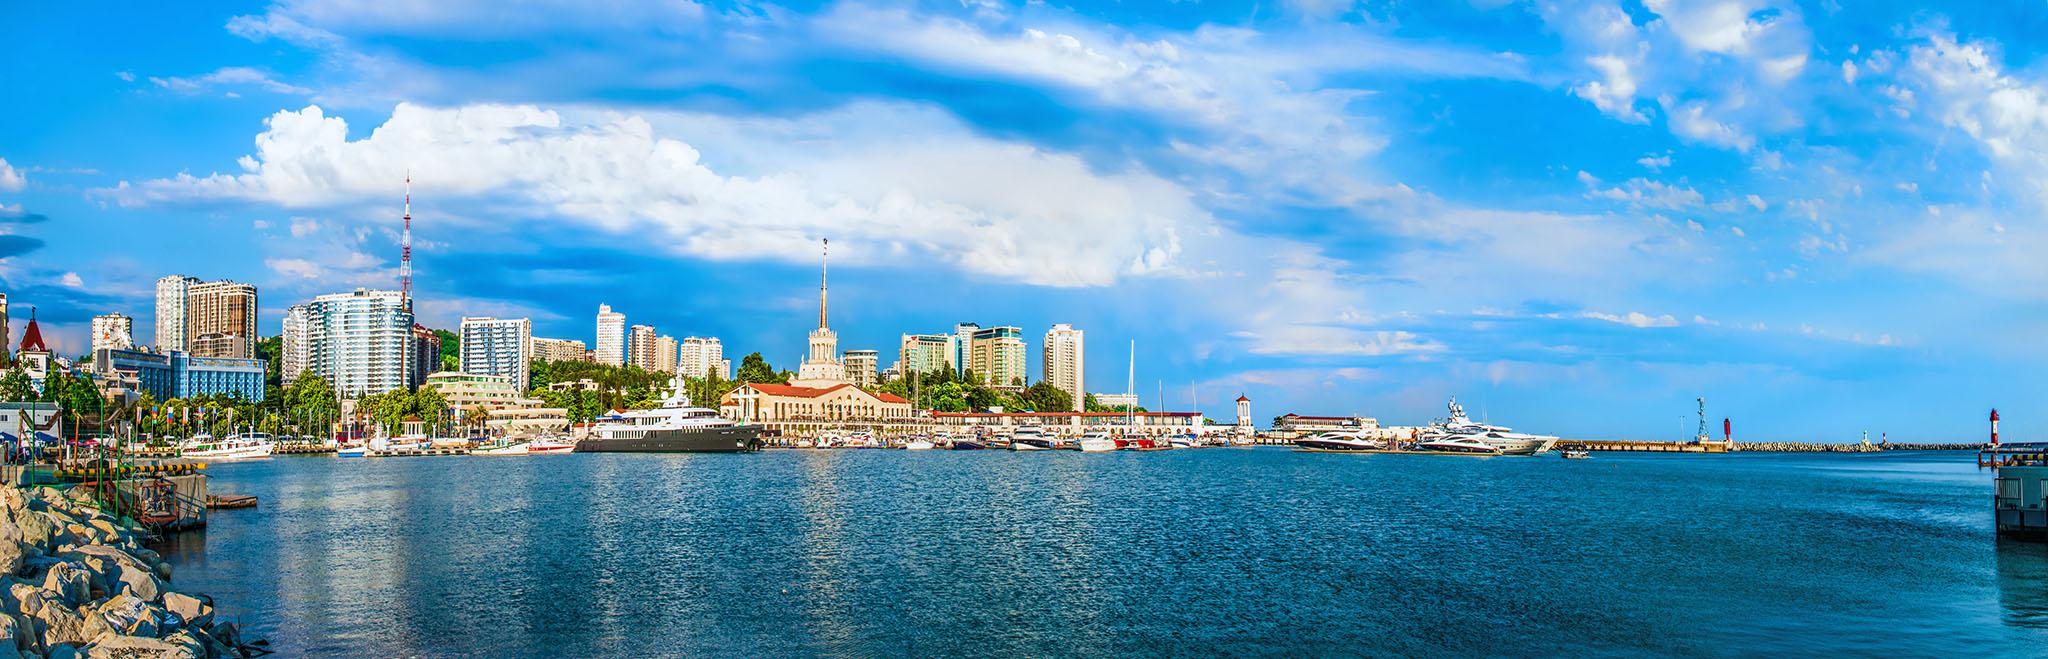 Отдых в Сочи, панорама города